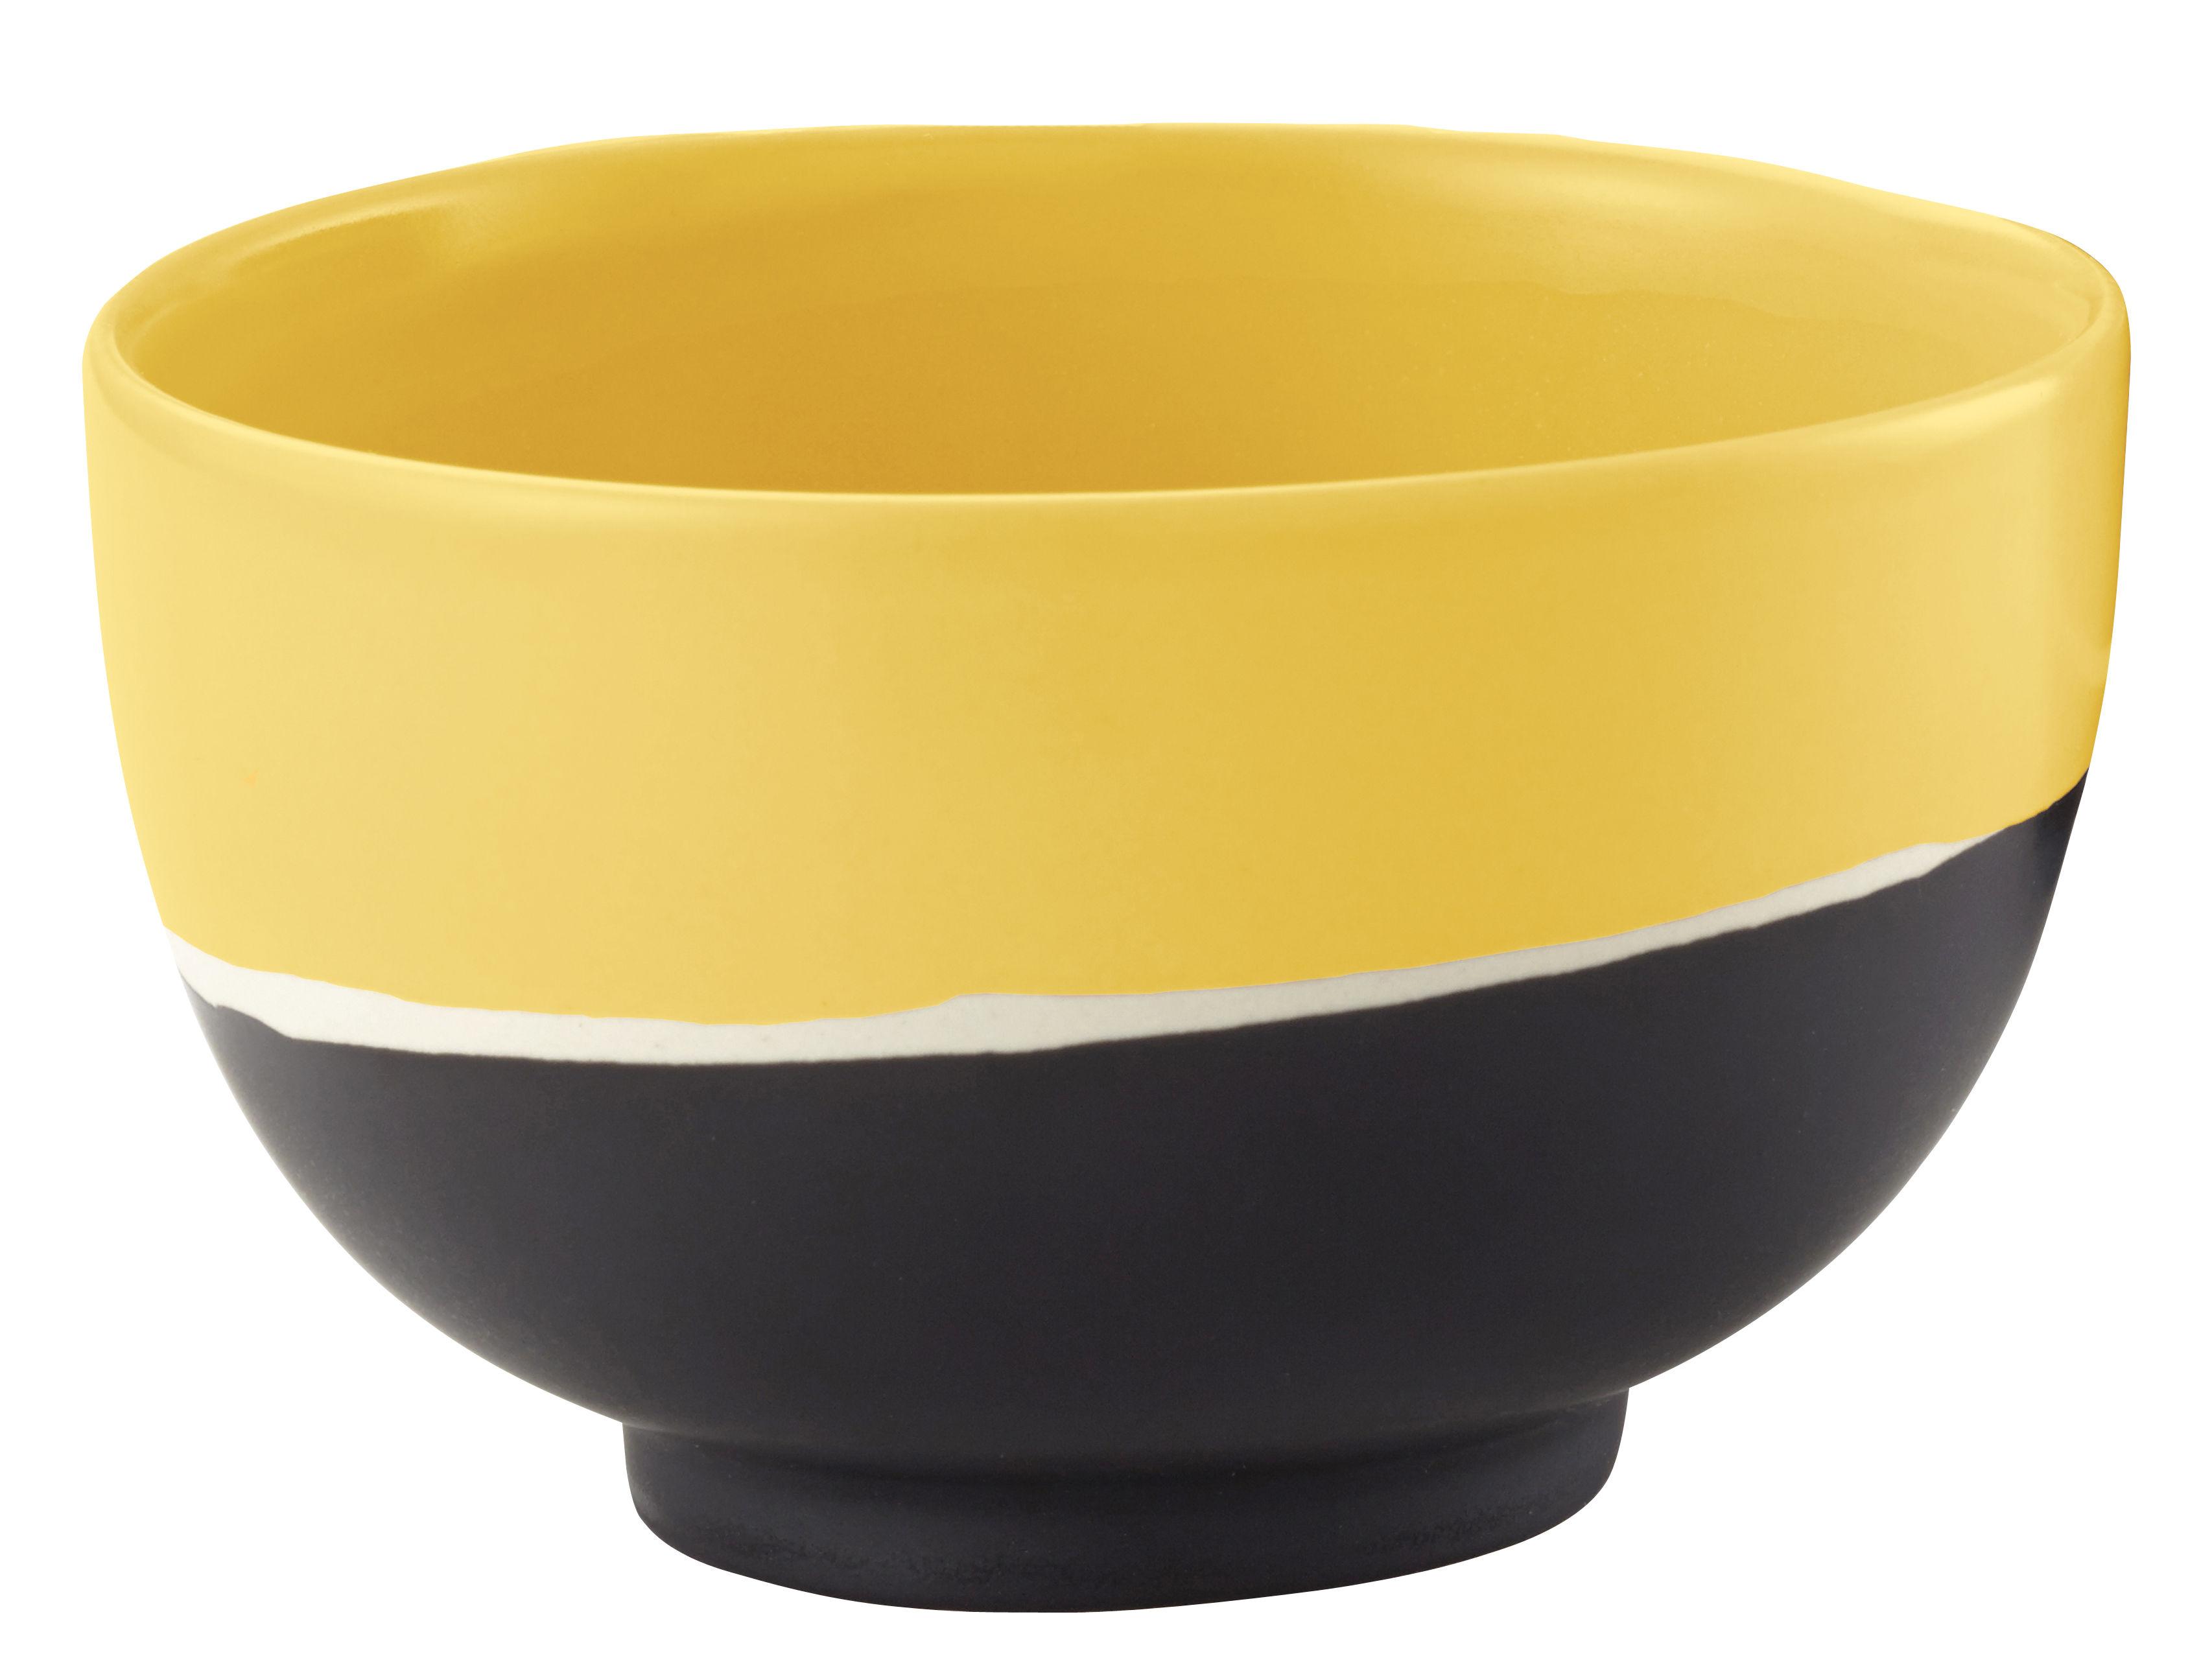 Cuisine - Saladiers, coupes et bols - Coupelle Sicilia / Ø 8,5 cm - Maison Sarah Lavoine - Tournesol - Grès peint et émaillé